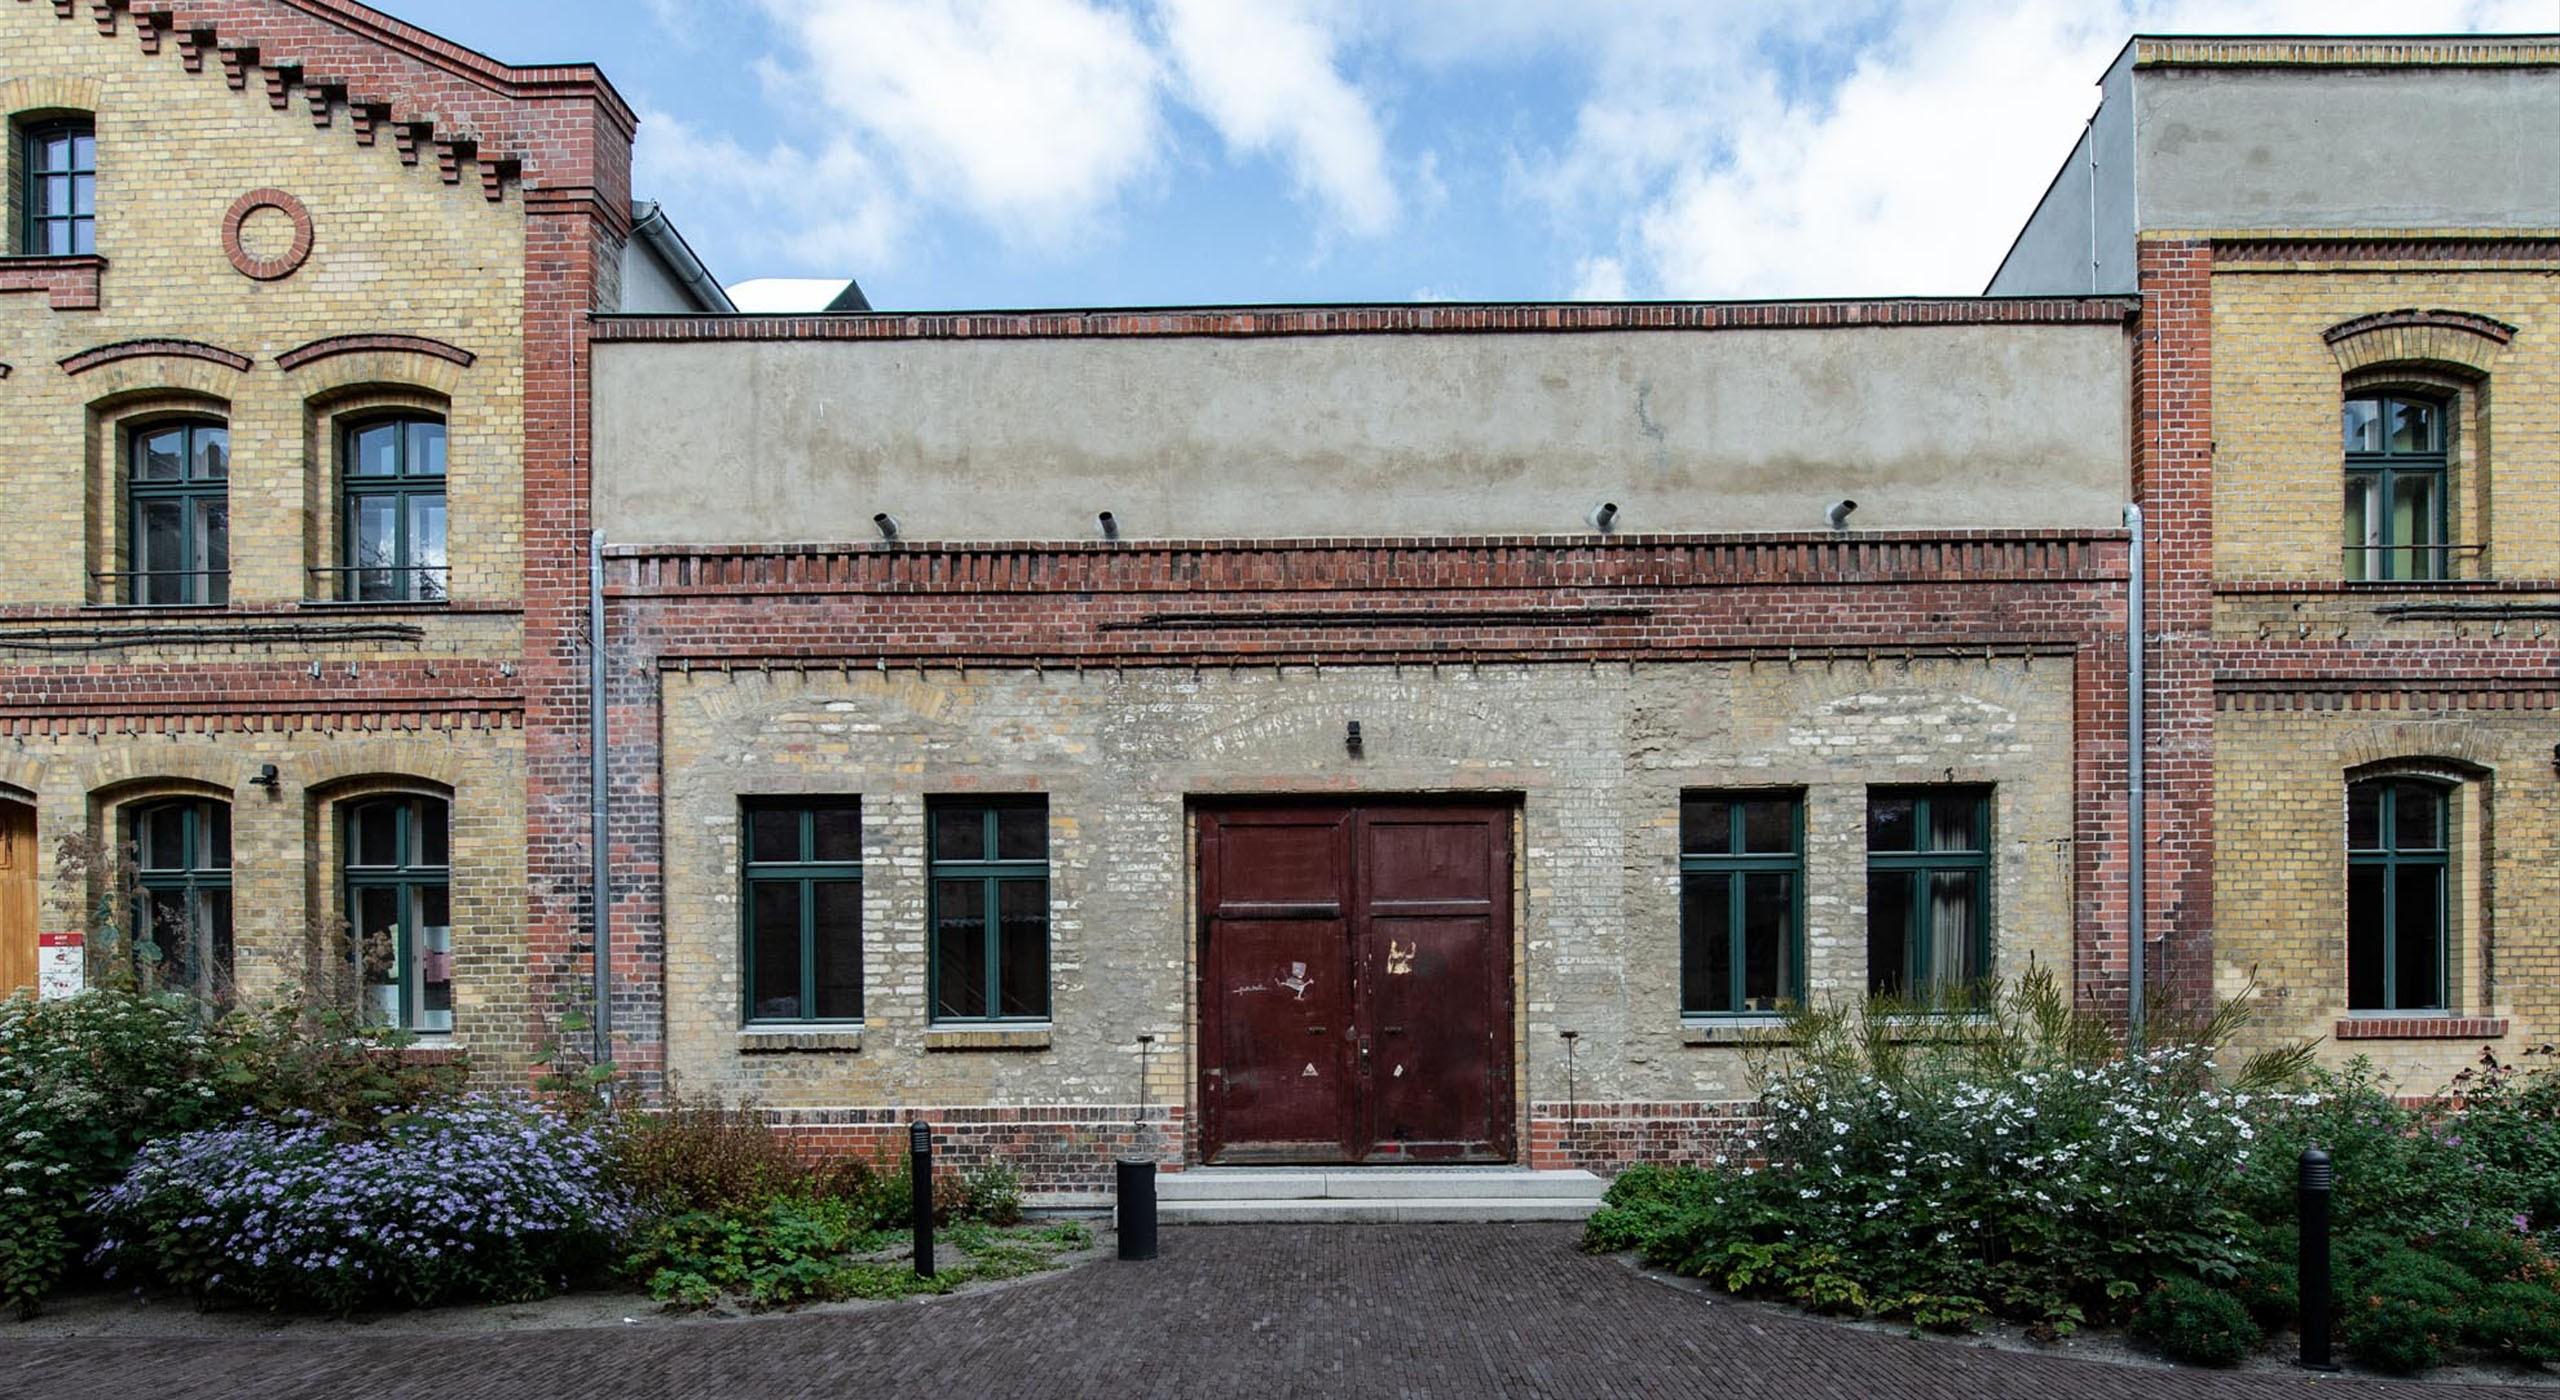 Außenansicht der ehemaligen Bötzow-Brauerei Berlin nach Sanierung © Bernd Blumrich